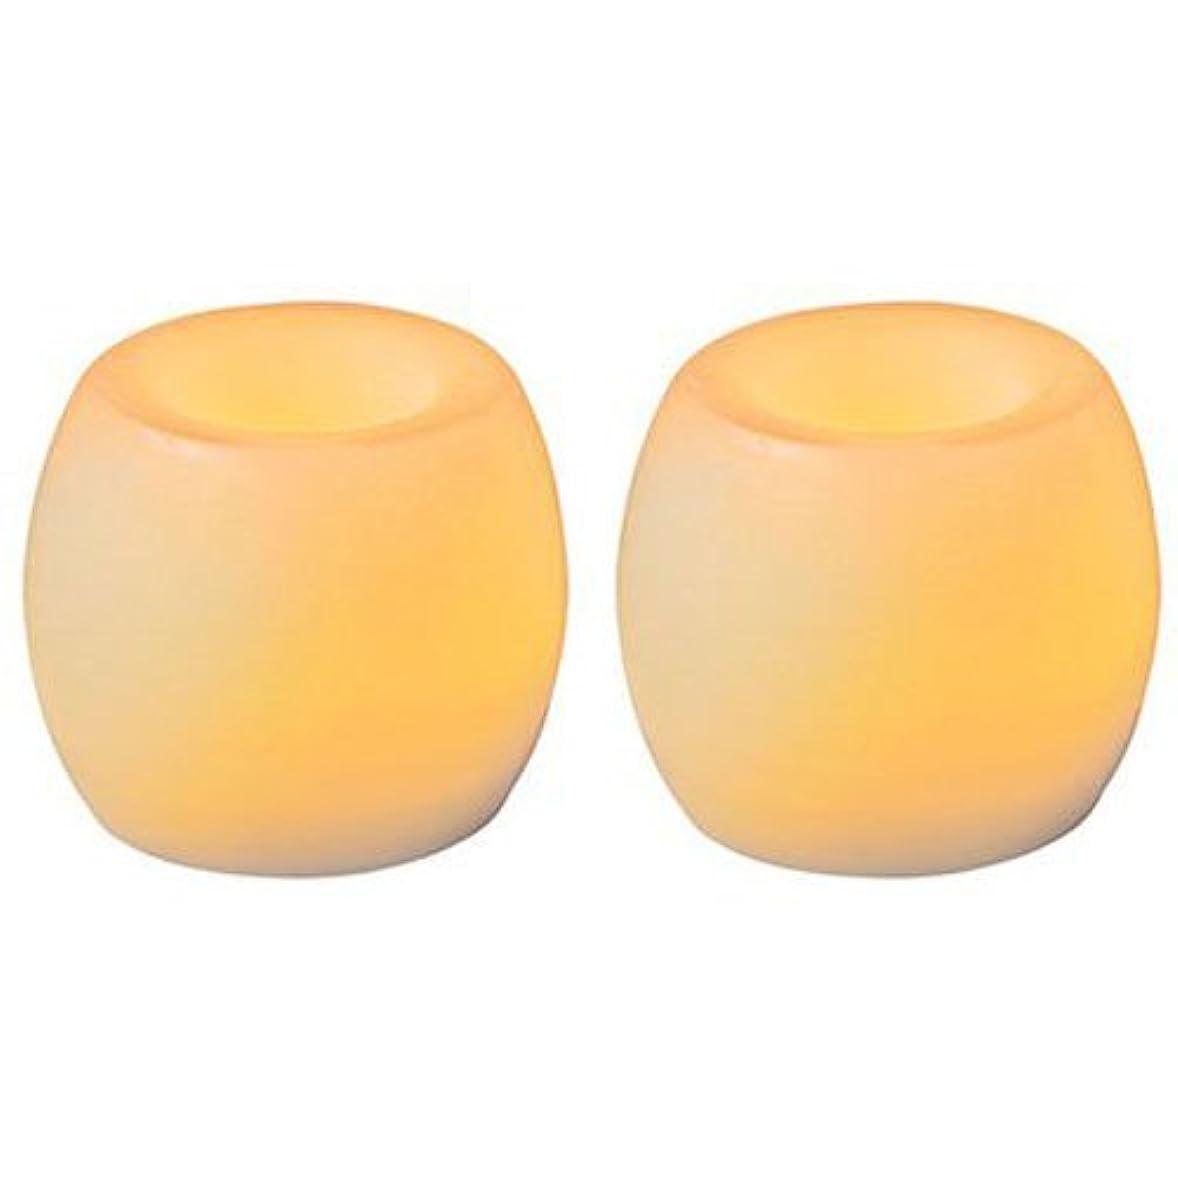 守銭奴マイクロプロセッサ本質的ではないInglow Flameless Mini Curved SquaresバニラScented Candle 2 - Pack 1 ベージュ CG24101CR201